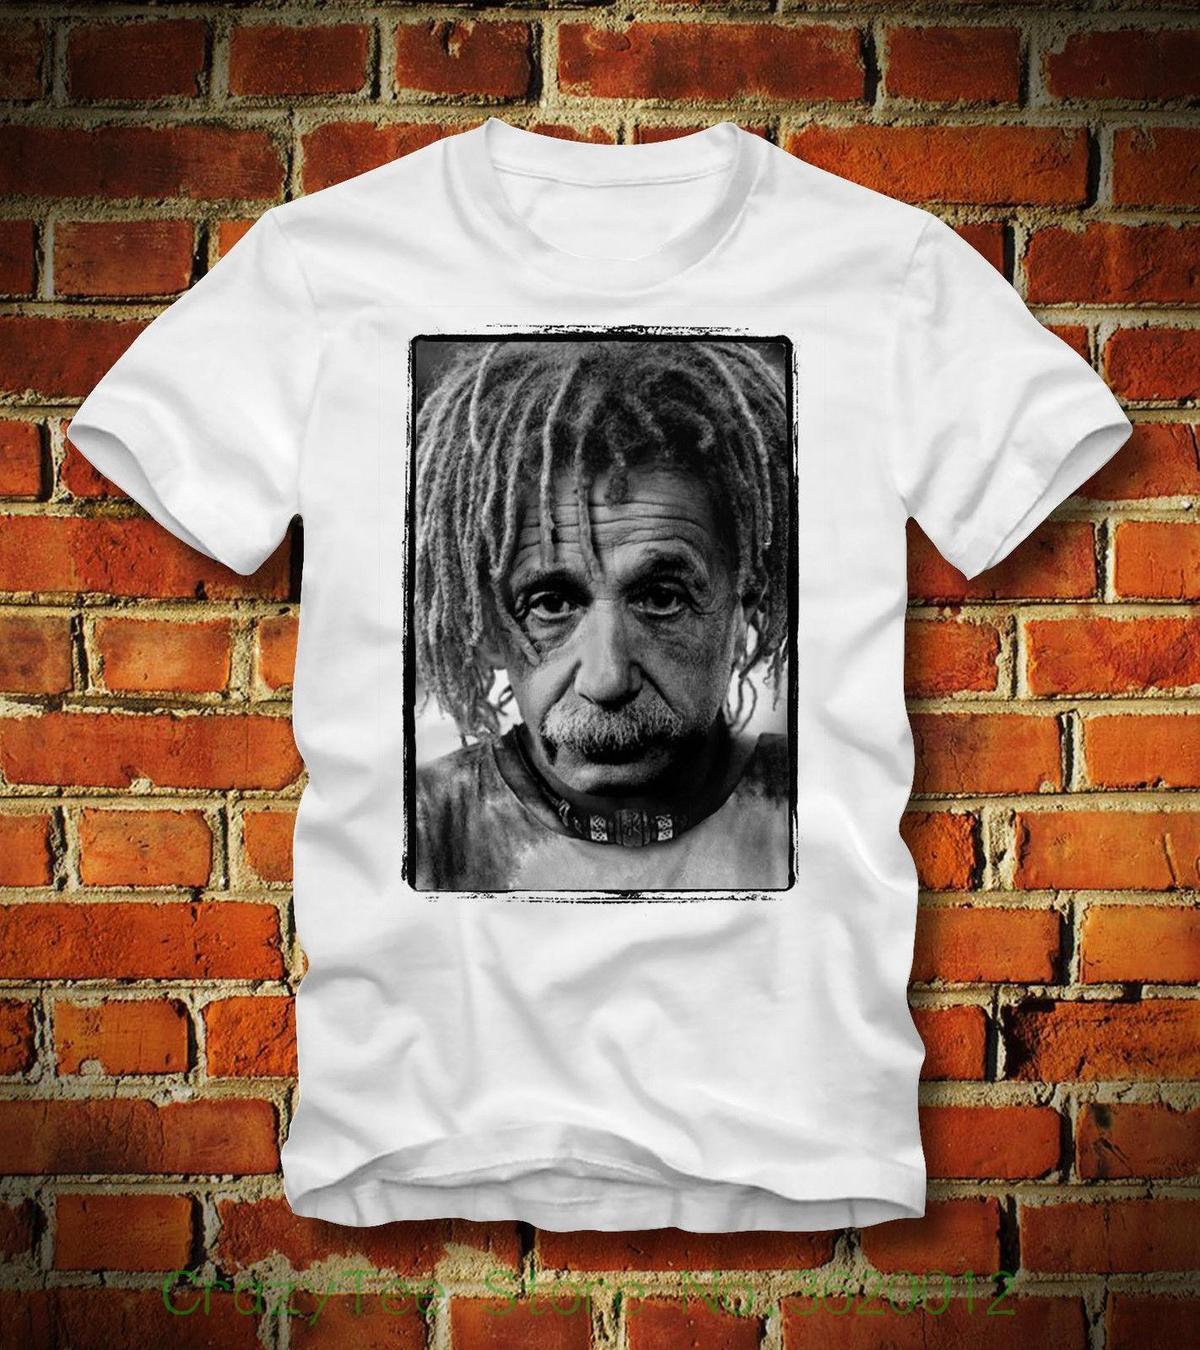 2abdc6044 Compre T Camisa Boardrippaz Das Mulheres Albert Einstein Rasta Geek Nerd  Physik Gravitaswellen Impressão Camiseta De Algodão De Yuxin0001